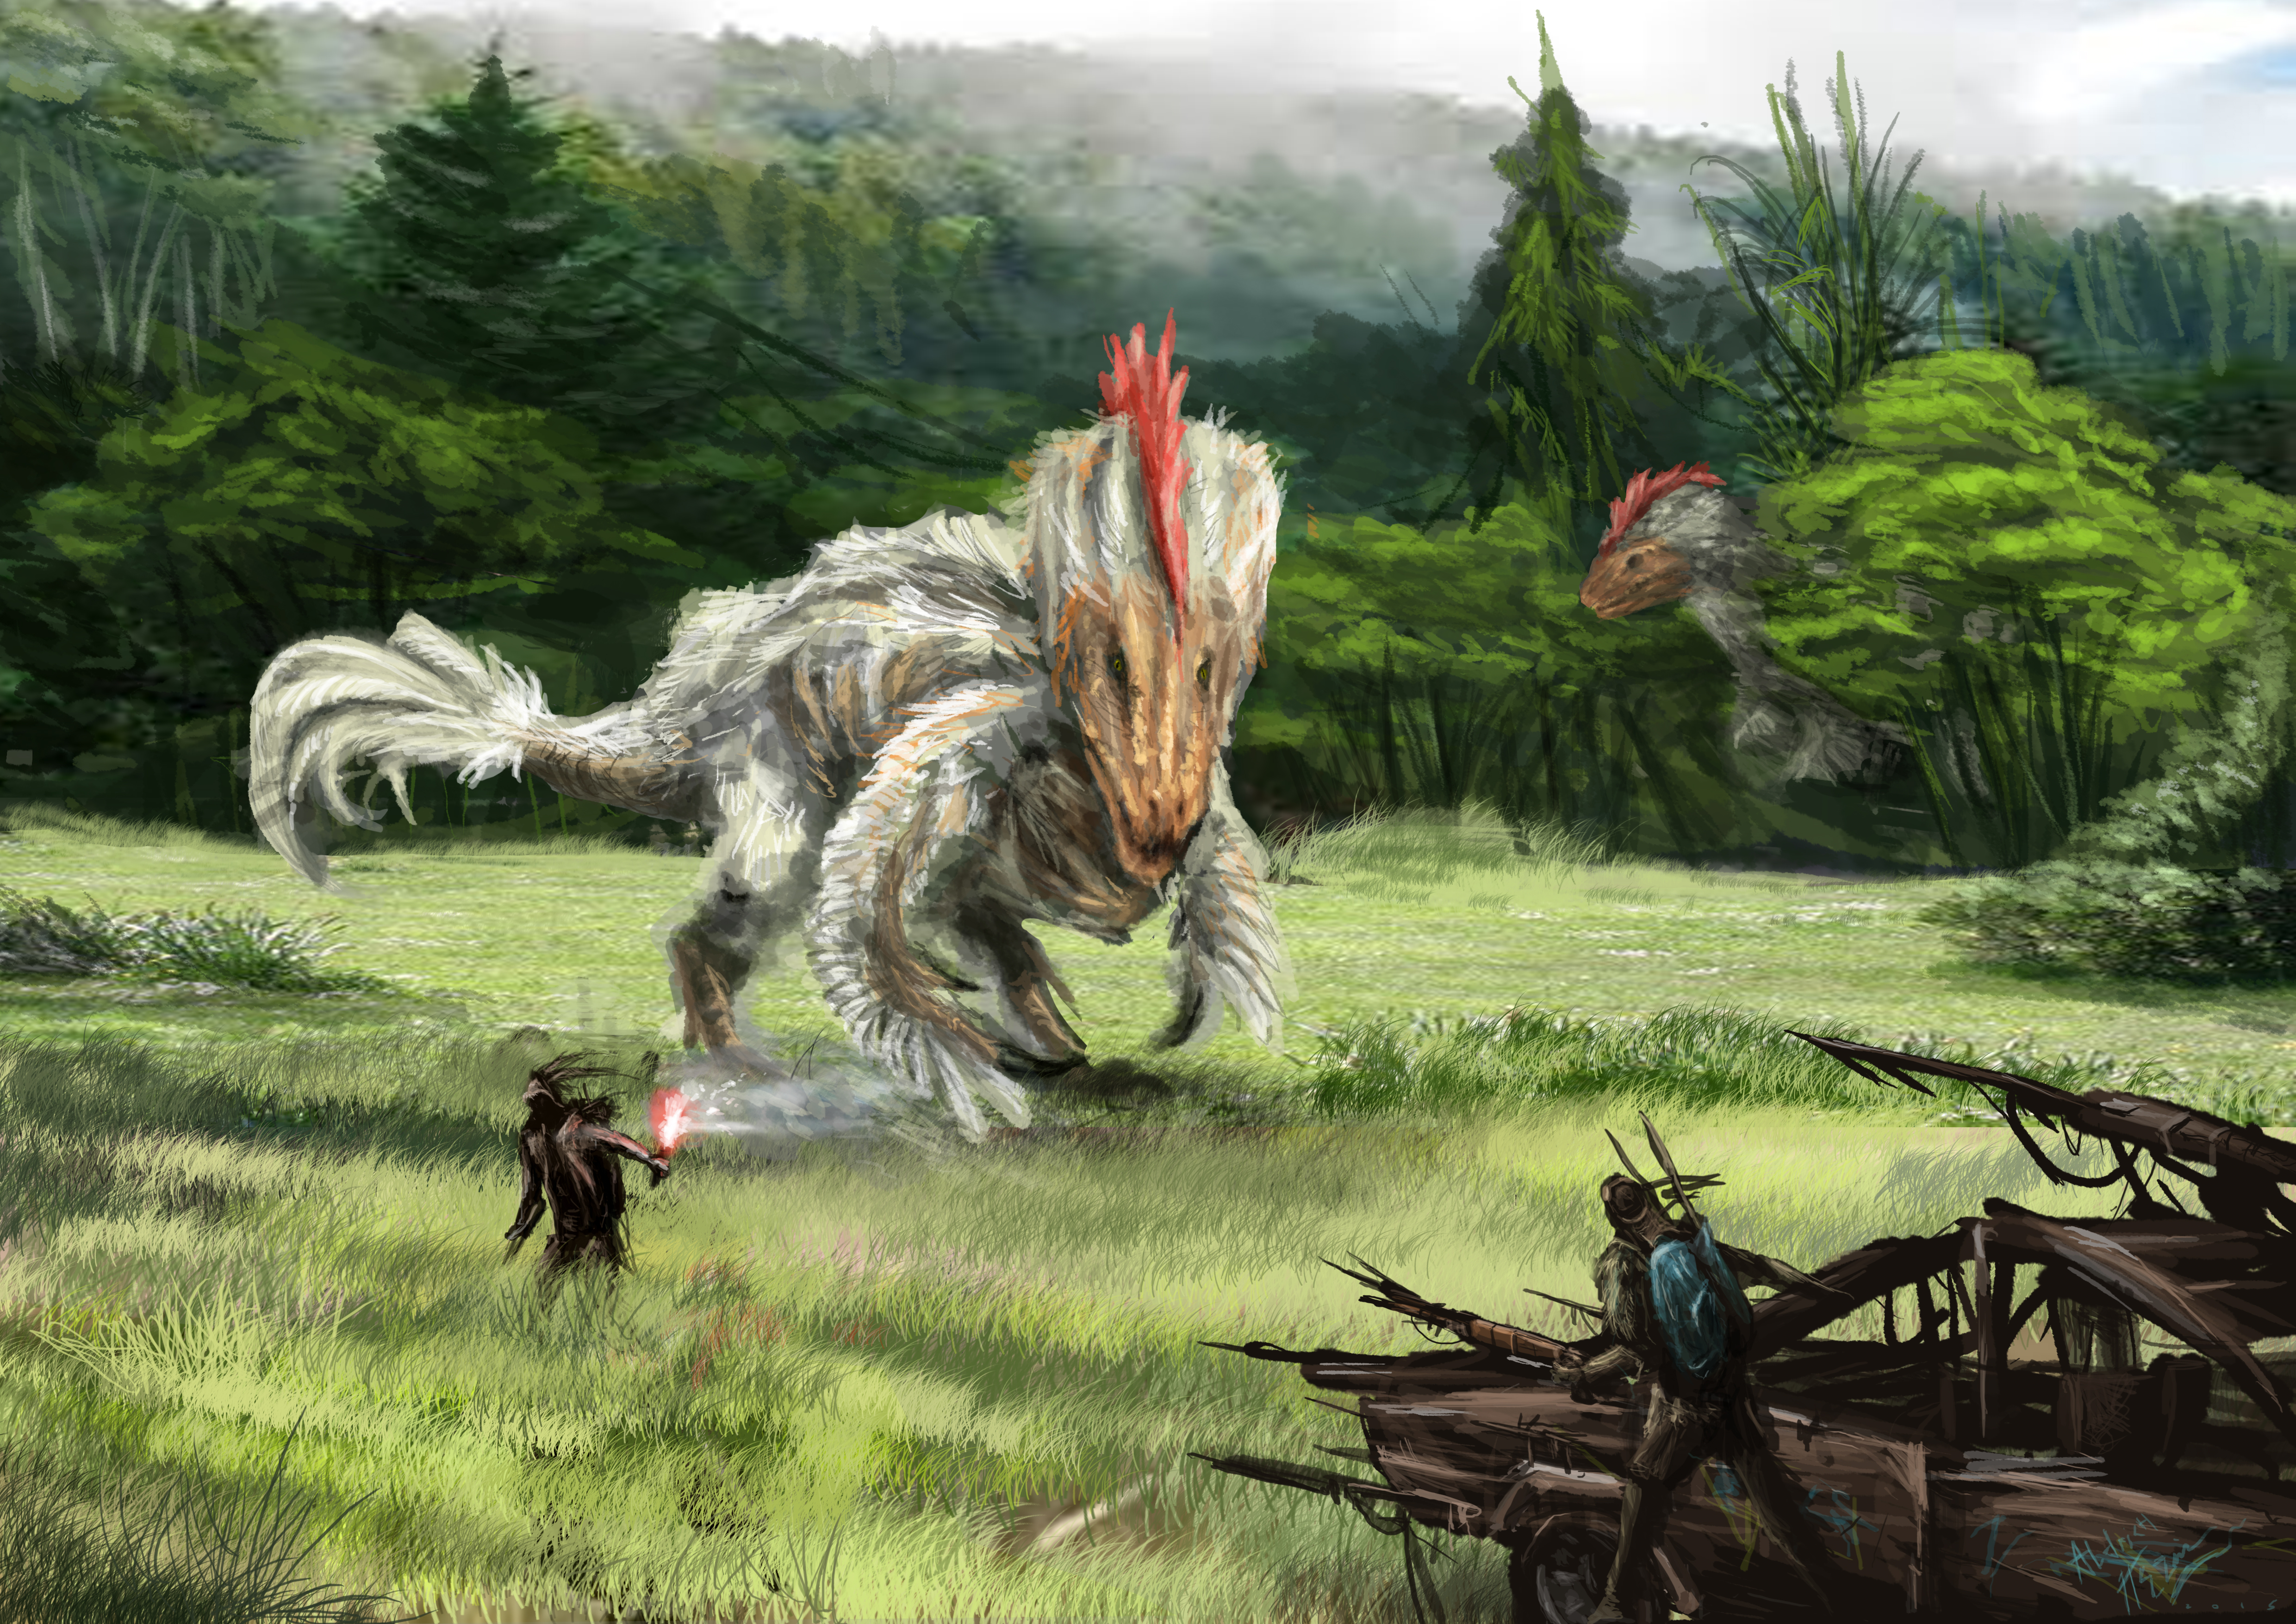 chicken-saurus rex